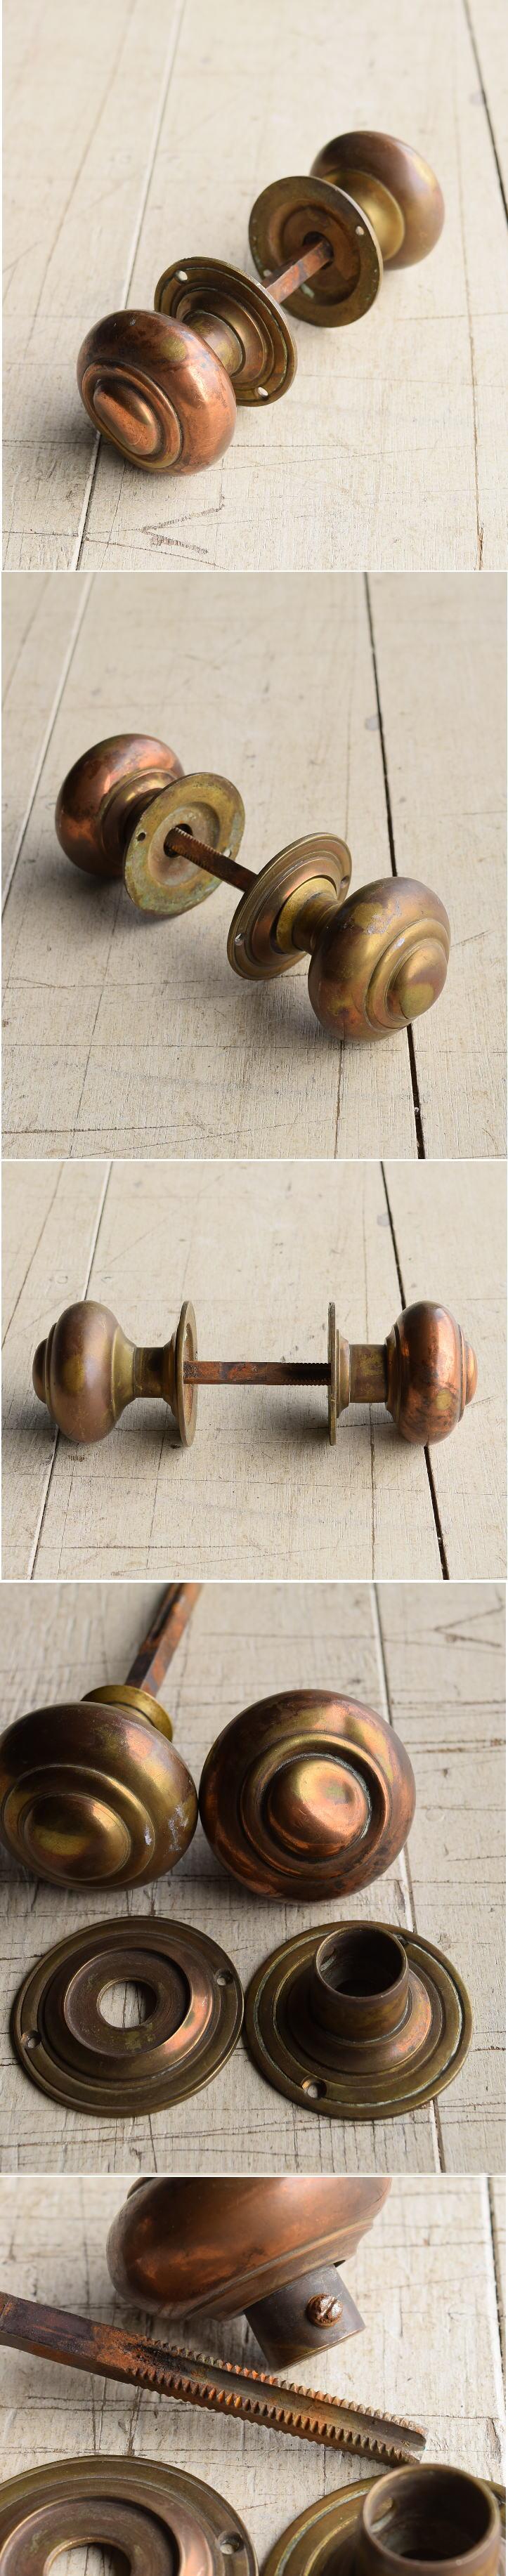 イギリス アンティーク 真鍮 ドアノブ 建具金物 握り玉 7934